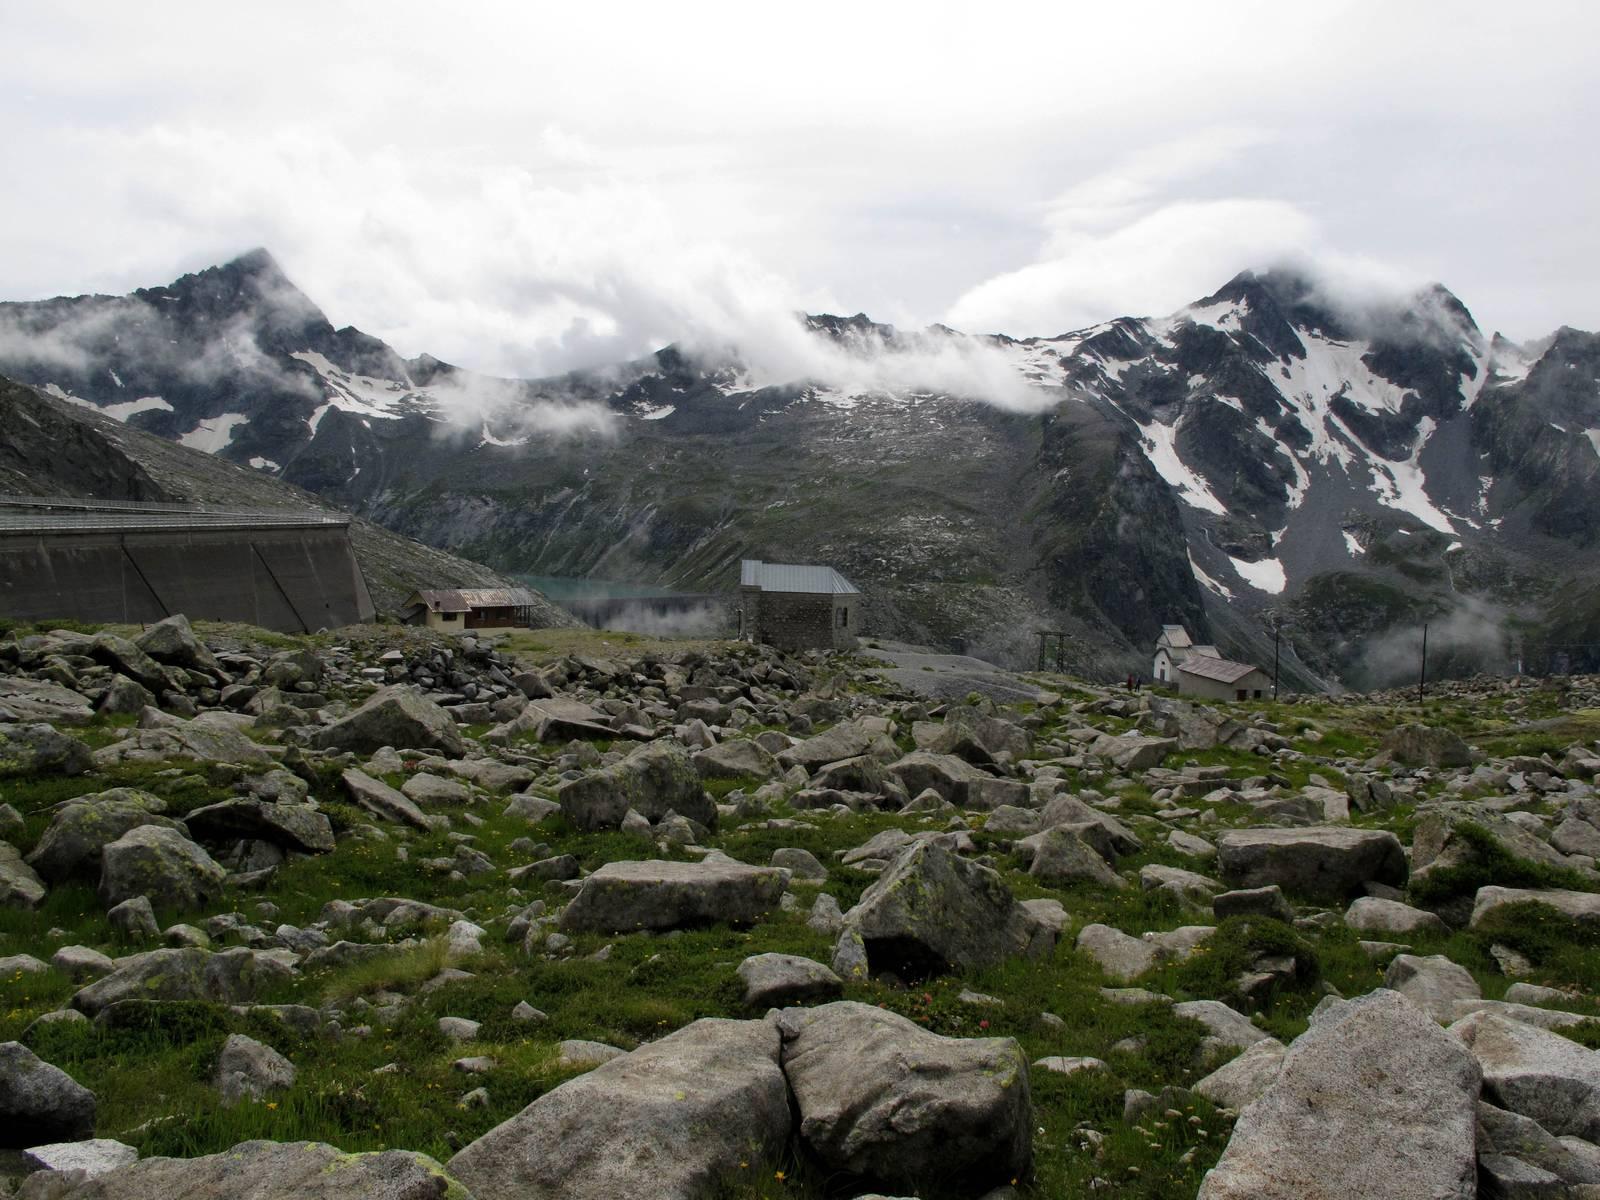 Passi-nella-neve-9-agosto-2014_Narrazione-in-cammino-destinazione-Garibaldi45 Copia